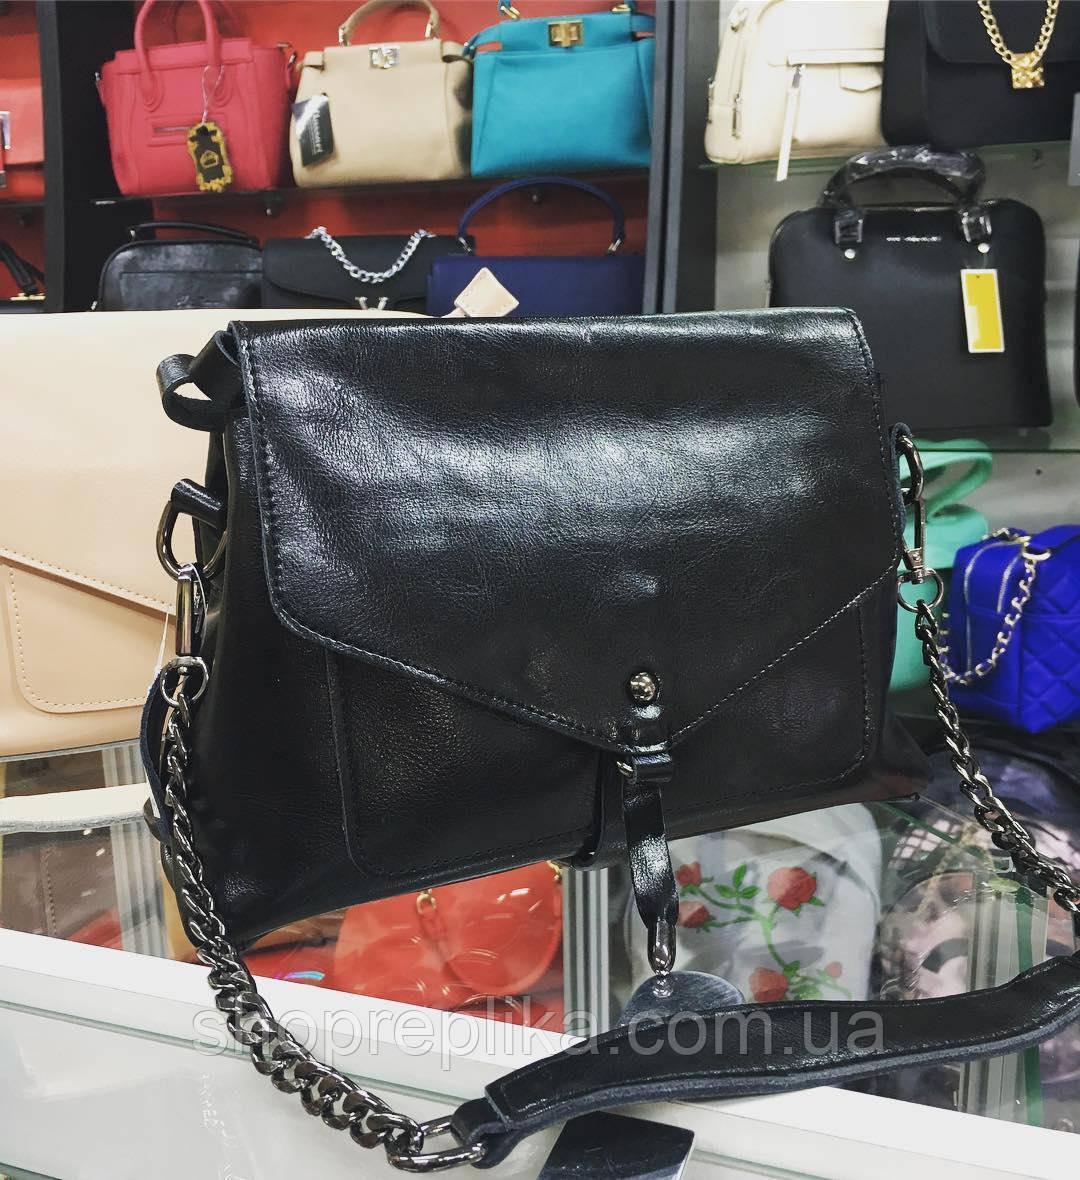 590d7680cfbd Сумка натуральная кожа , кожаные сумки Украина кроссбоди сумка кожа ...